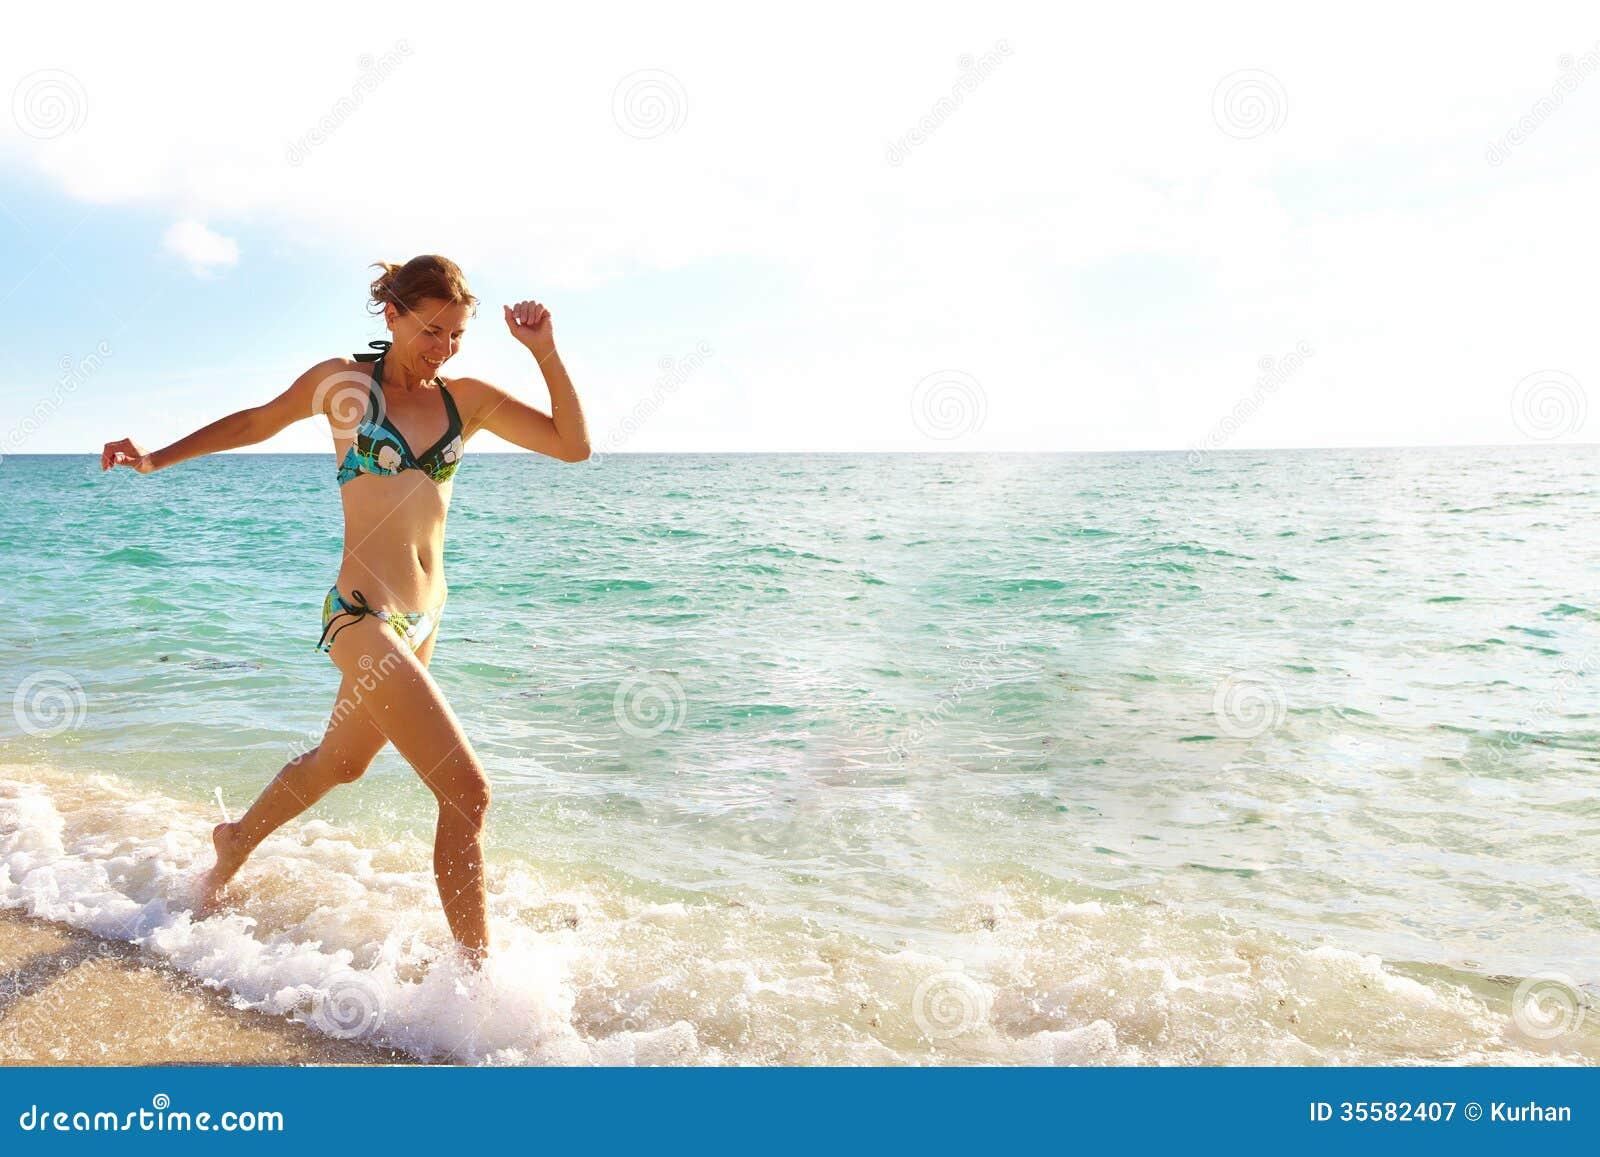 Ευτυχής γυναίκα στην παραλία του Μαϊάμι.